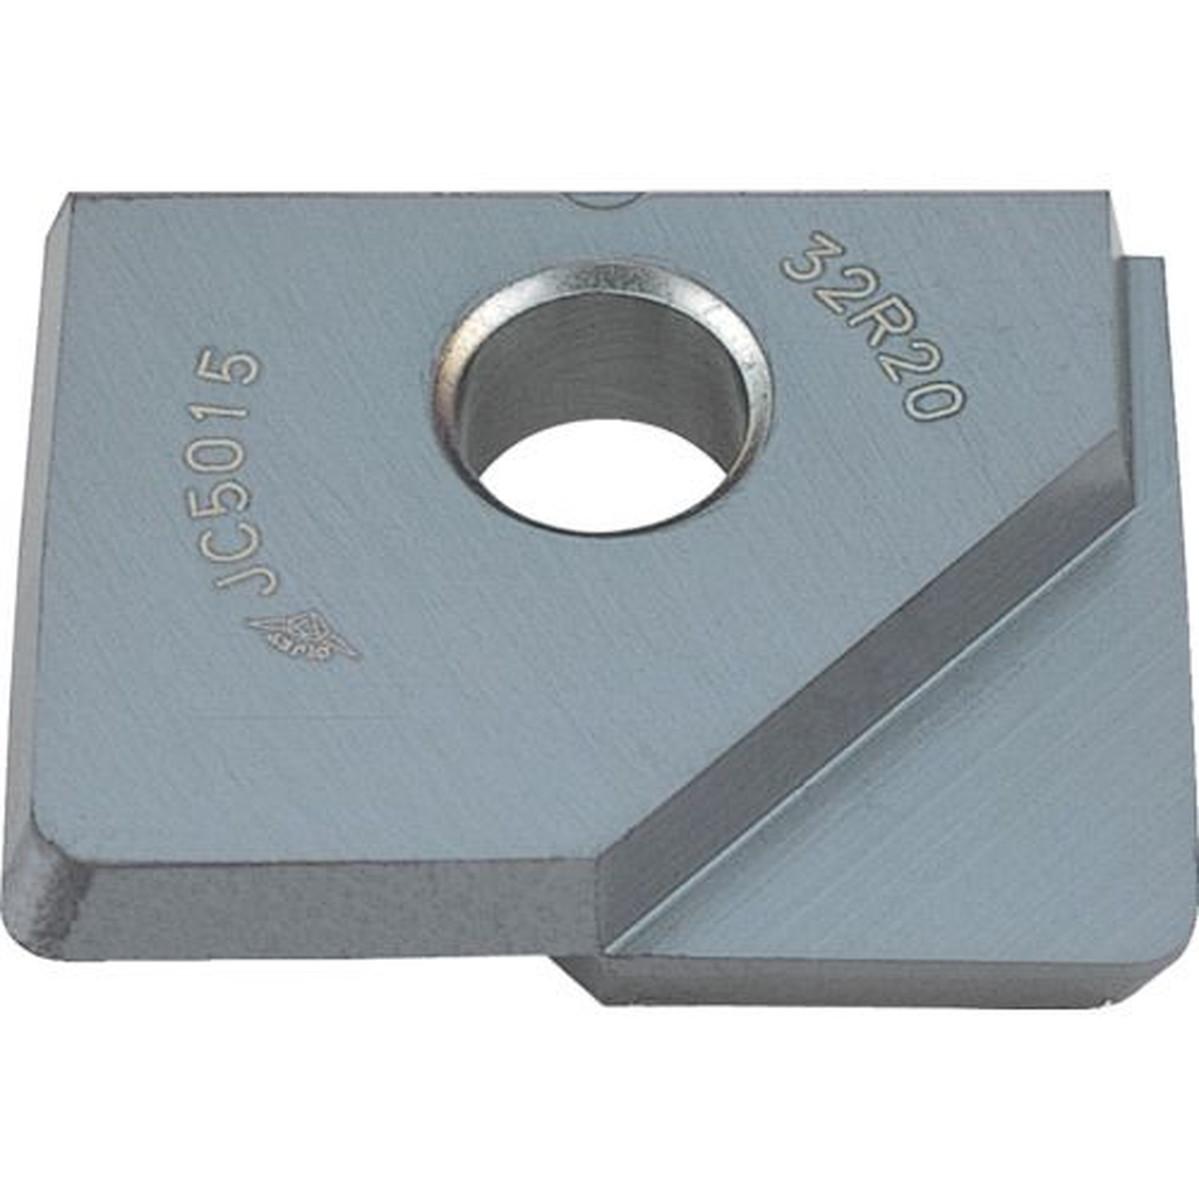 交換無料! ダイジェット 2個 ミラーラジアス用チップ JC8015 ミラーラジアス用チップ JC8015 2個, センチョウマチ:7216d385 --- lebronjamesshoes.com.co